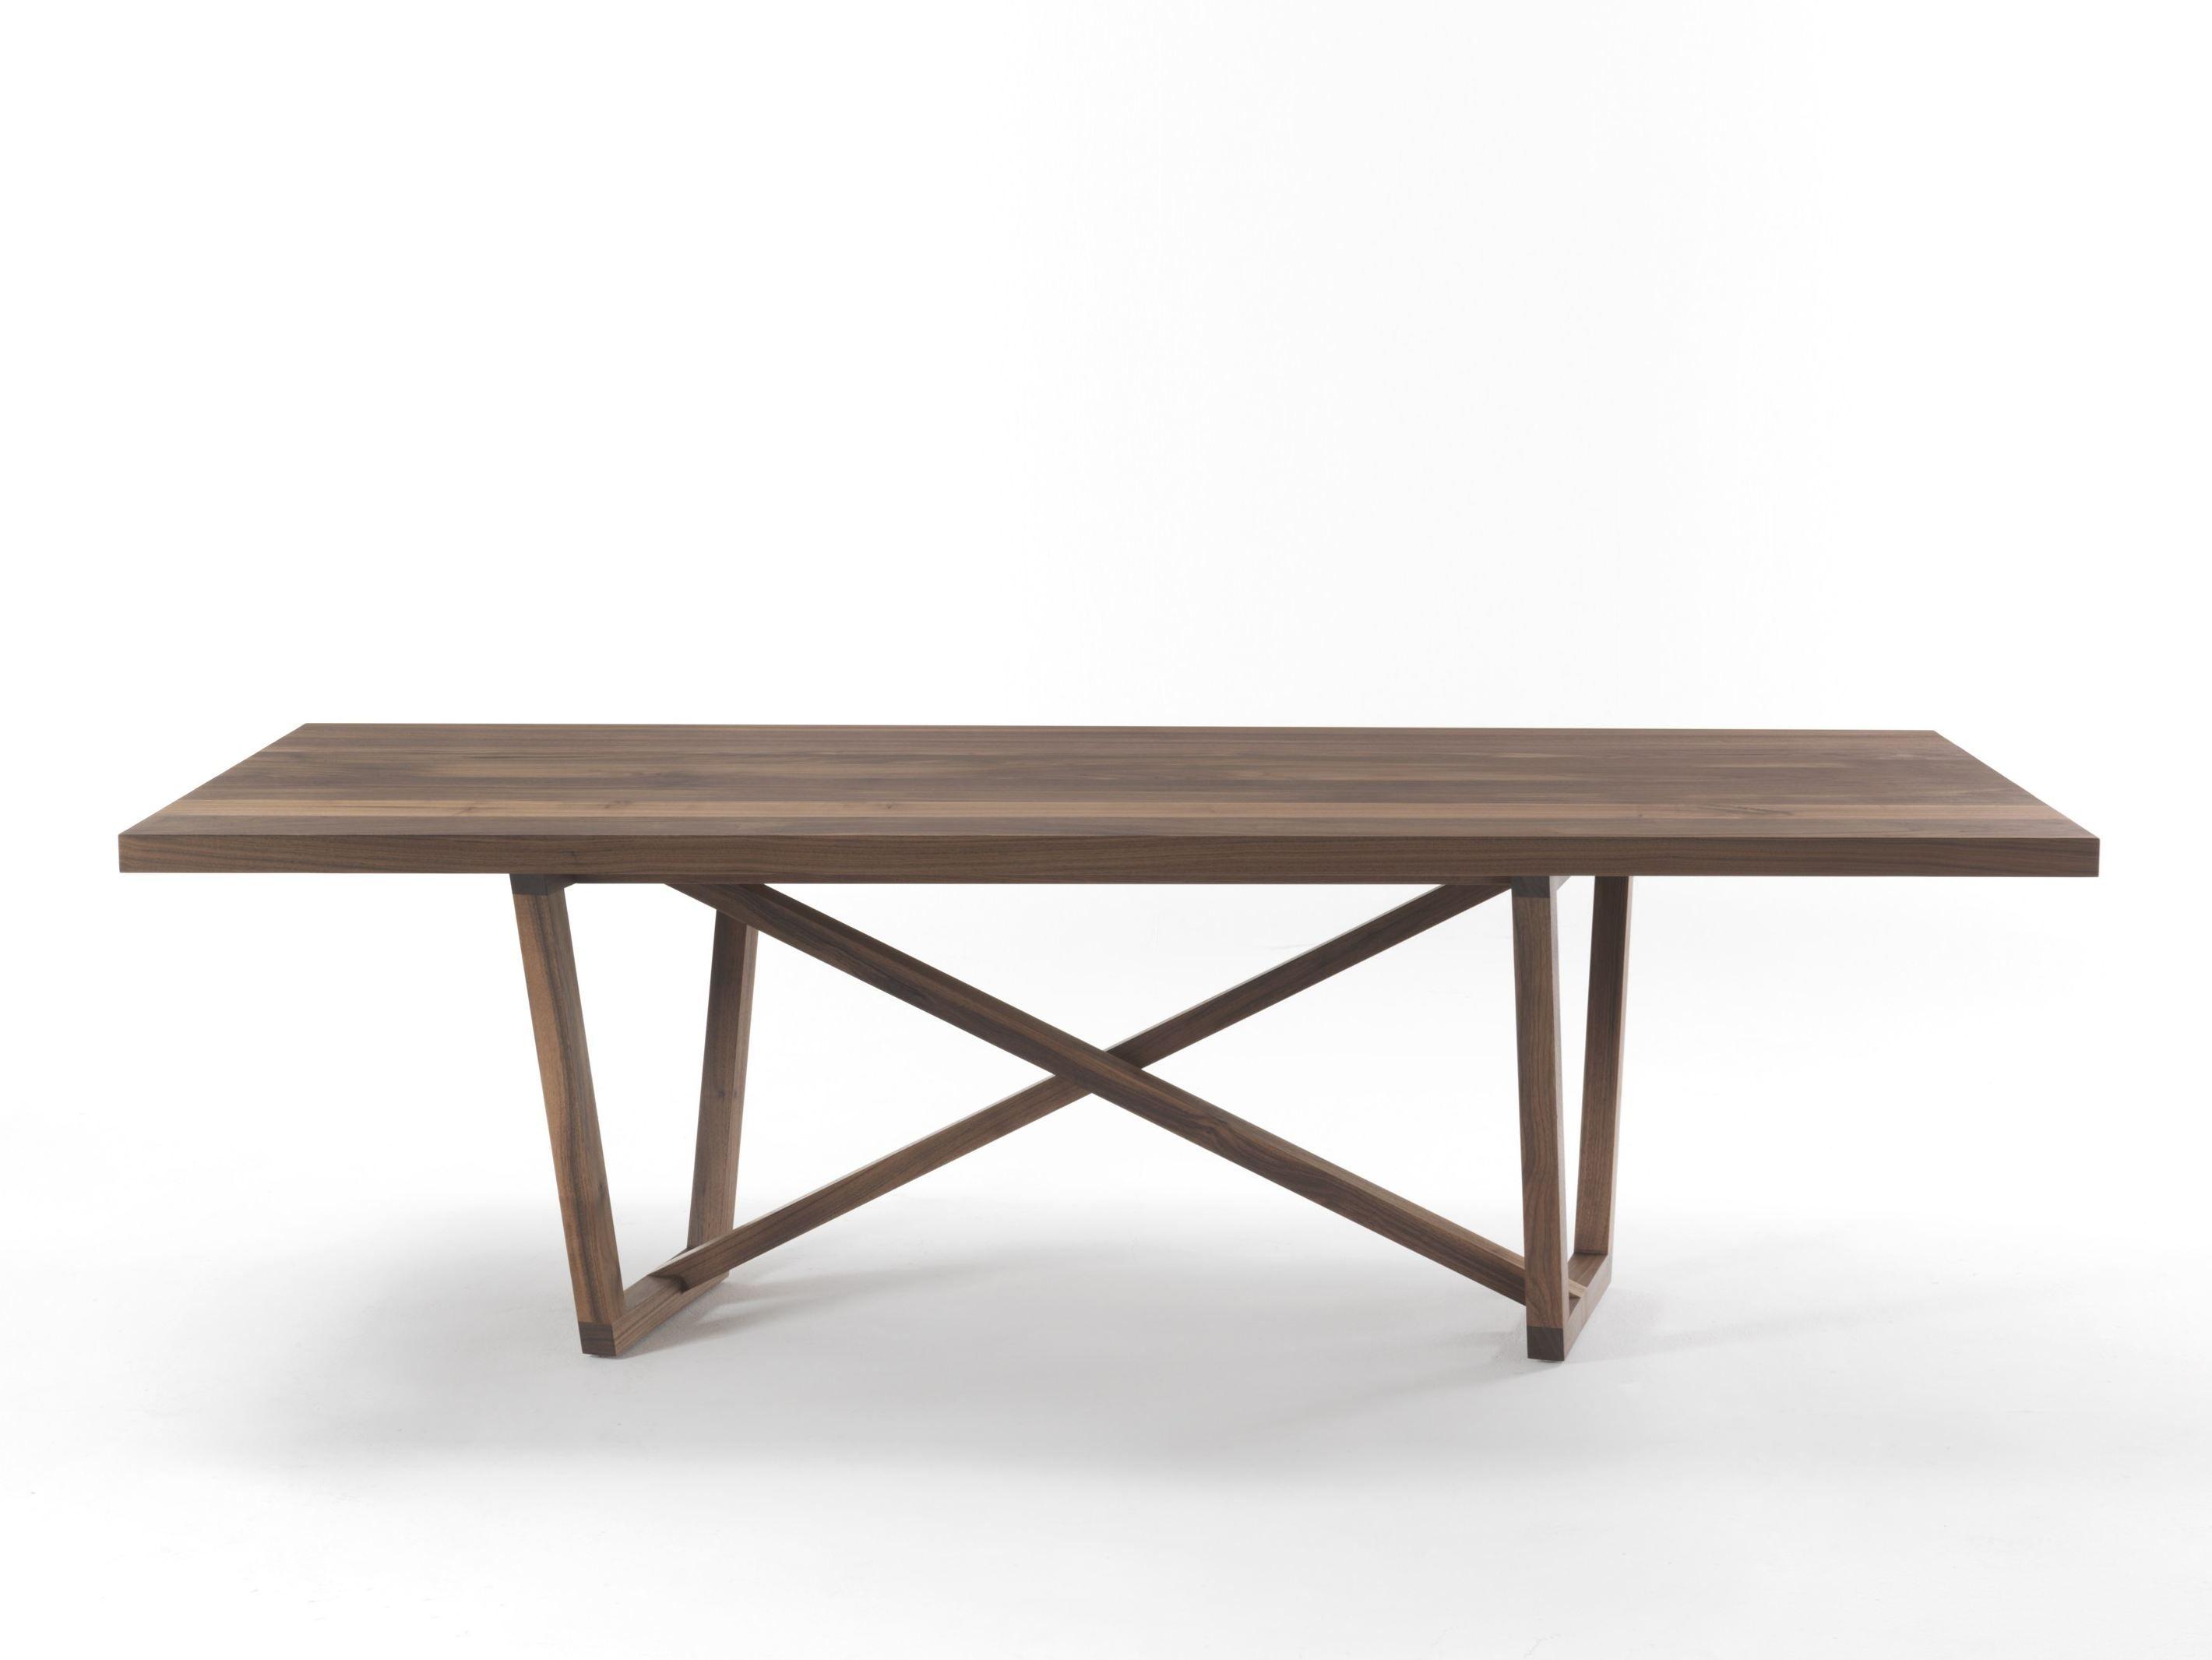 Tavolo rettangolare in legno traverso by riva 1920 design for Tavolo rettangolare design